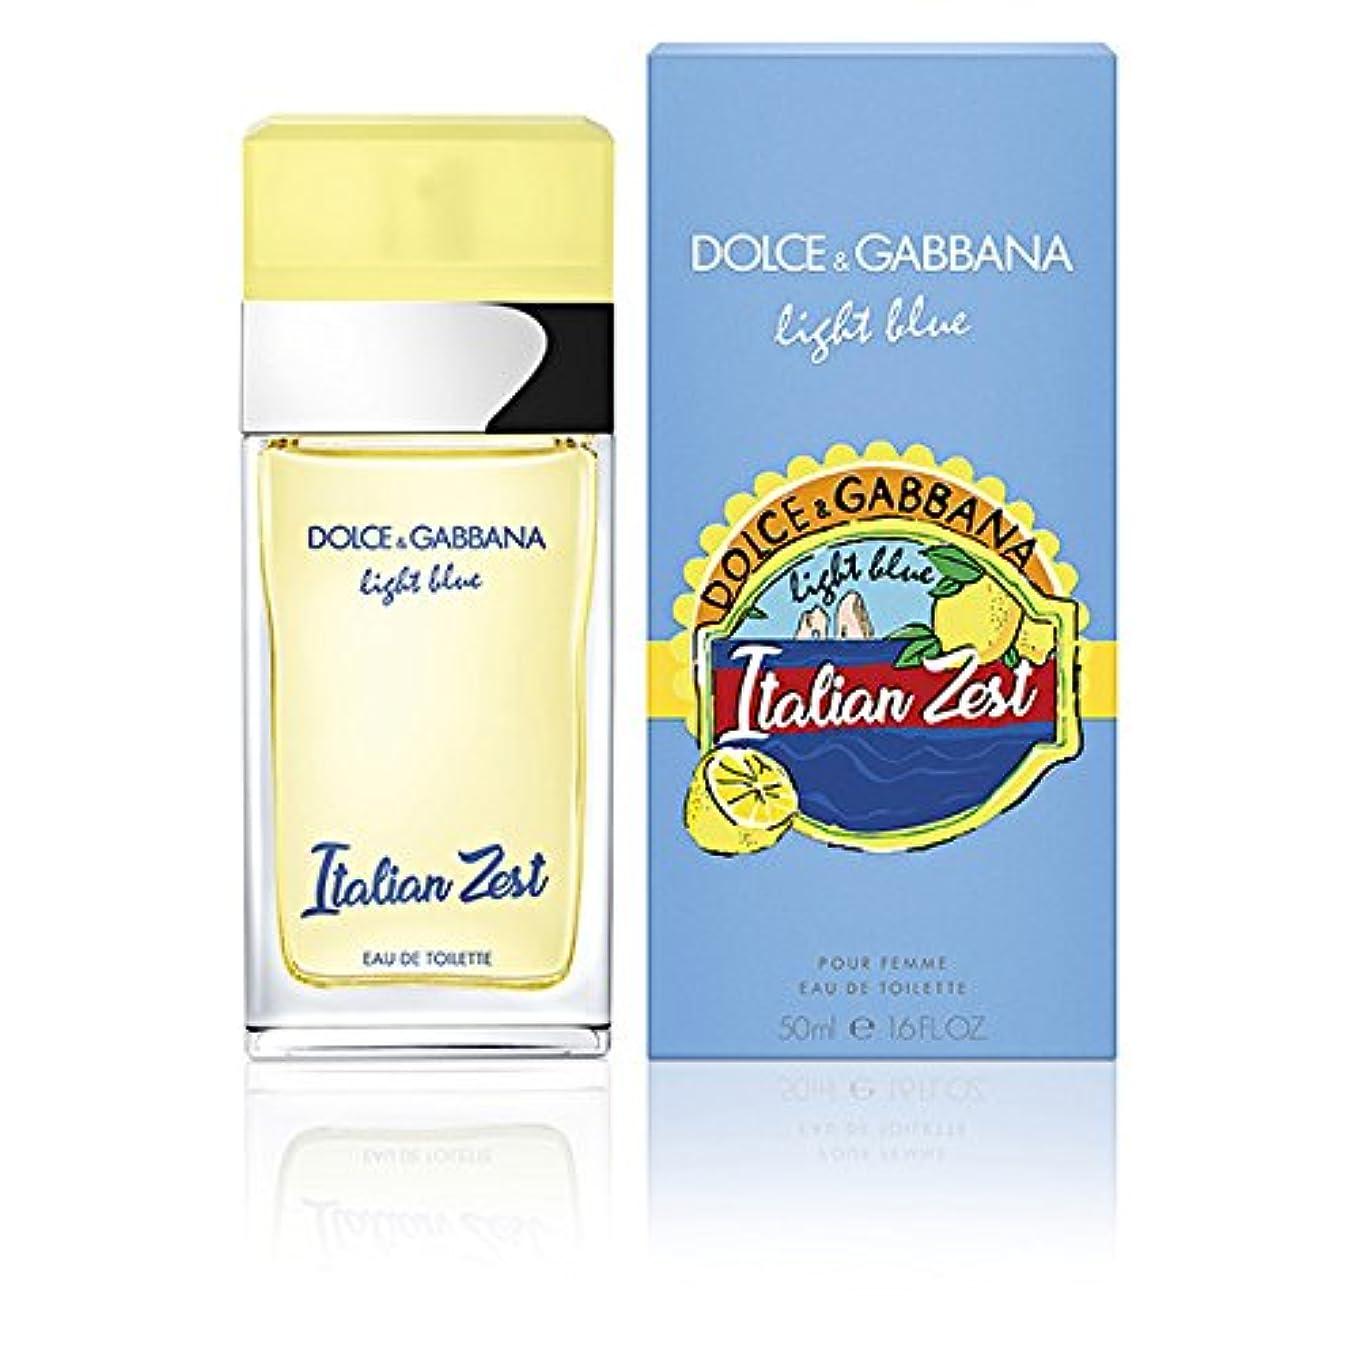 生き返らせる一緒に緊張するドルチェ&ガッバーナ DOLCE&GABBANA ライトブルー イタリアン ゼスト EDT SP 50ml